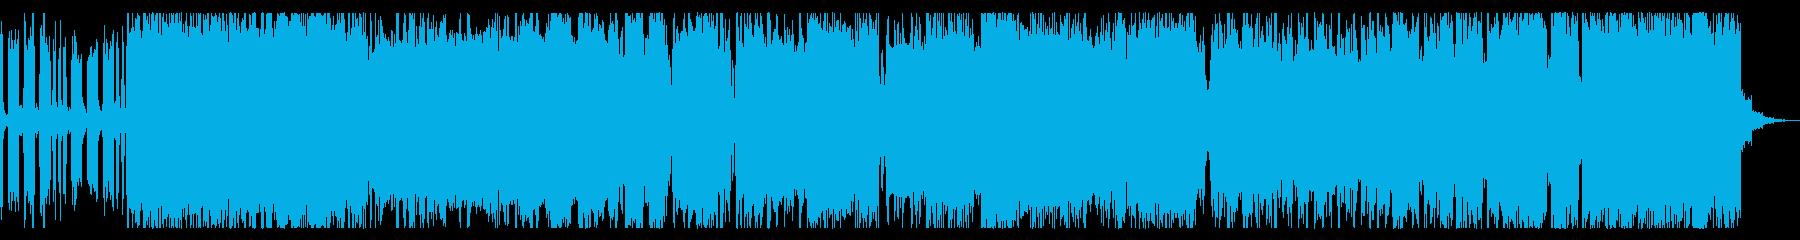 コミカル&ヘビーな3連系のチップチューンの再生済みの波形